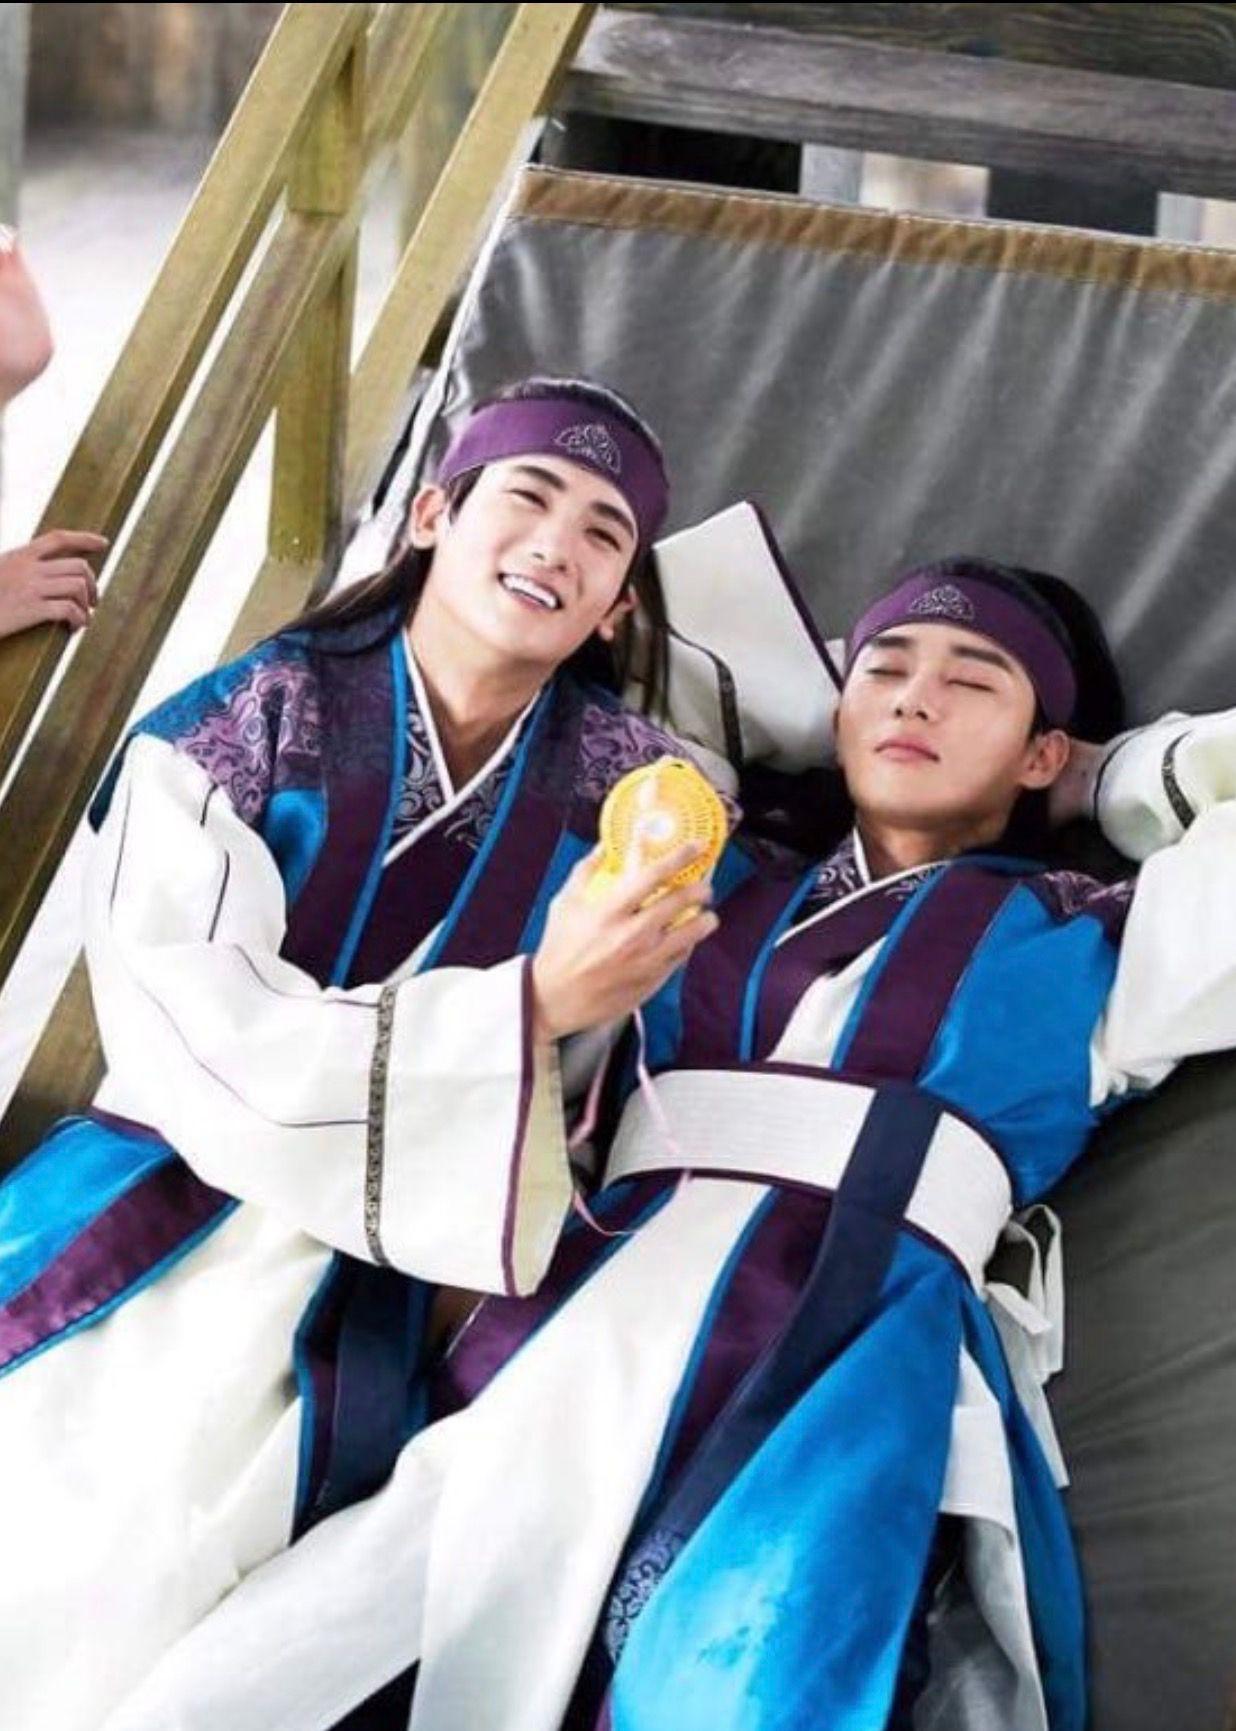 5 tình bạn chị chị em em của phim Hàn: Số 1 cướp vai trơ trẽn, số 2 nam chính nam phụ hôn lén ở hậu trường - Ảnh 19.